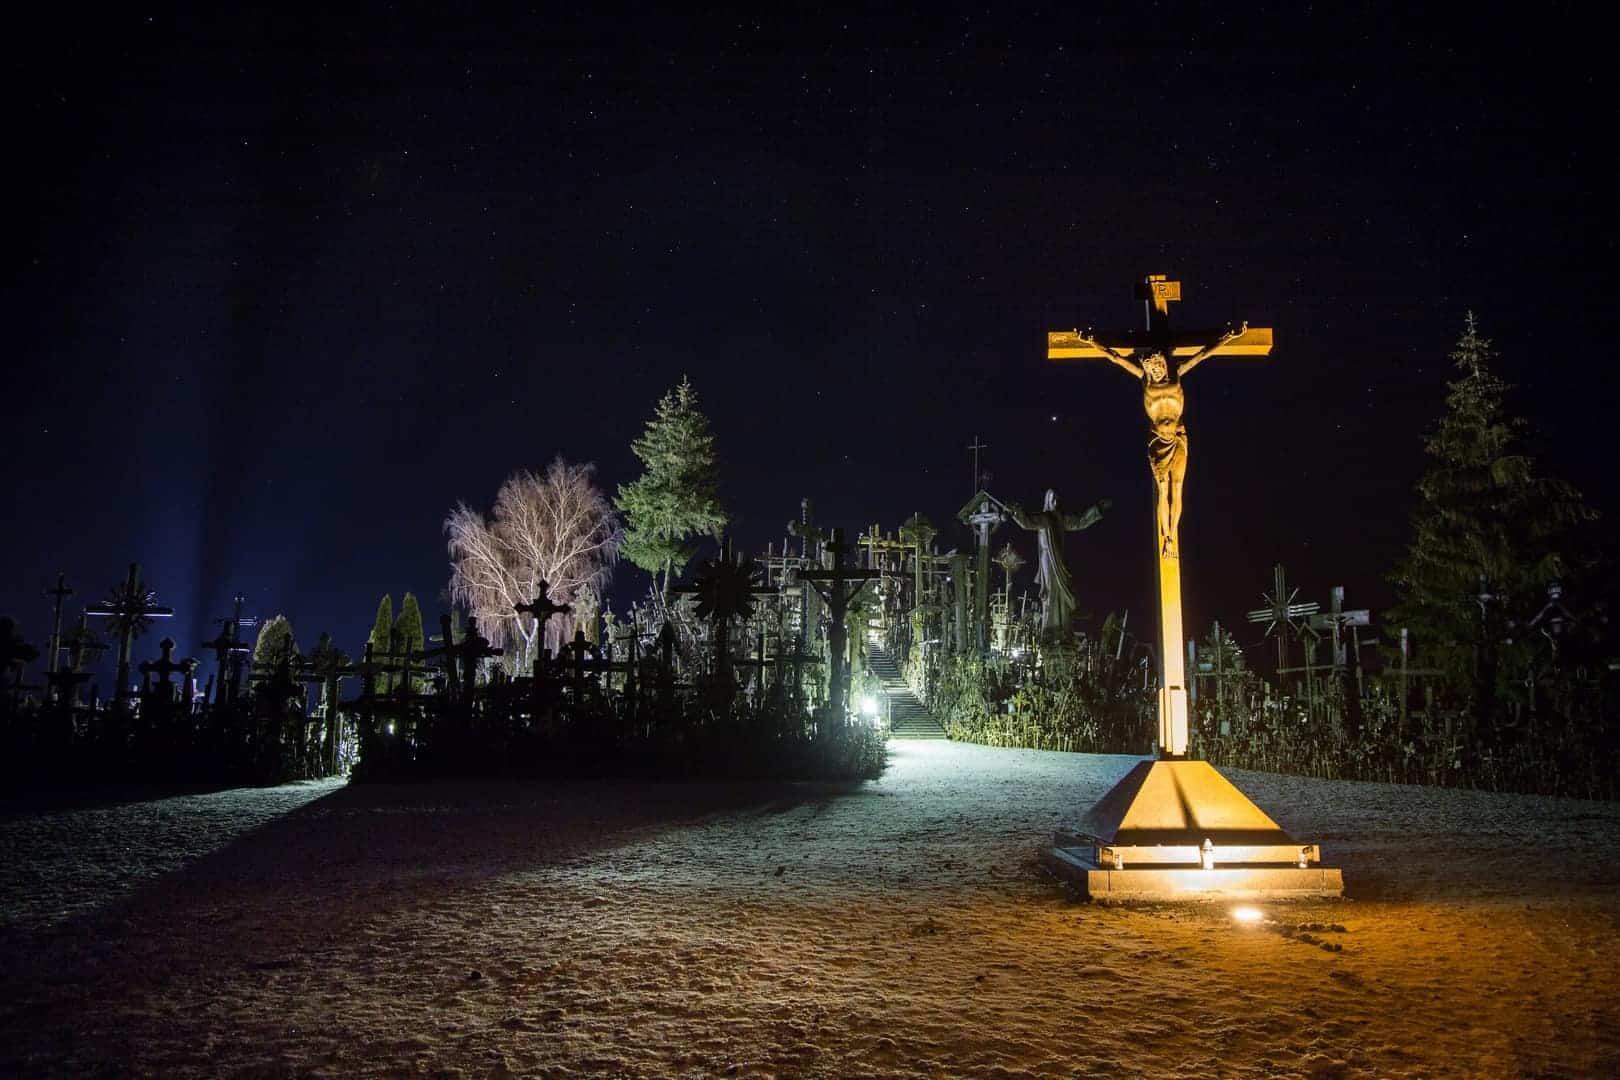 La Colina de las Cruces: ¿Qué es y por qué es importante?